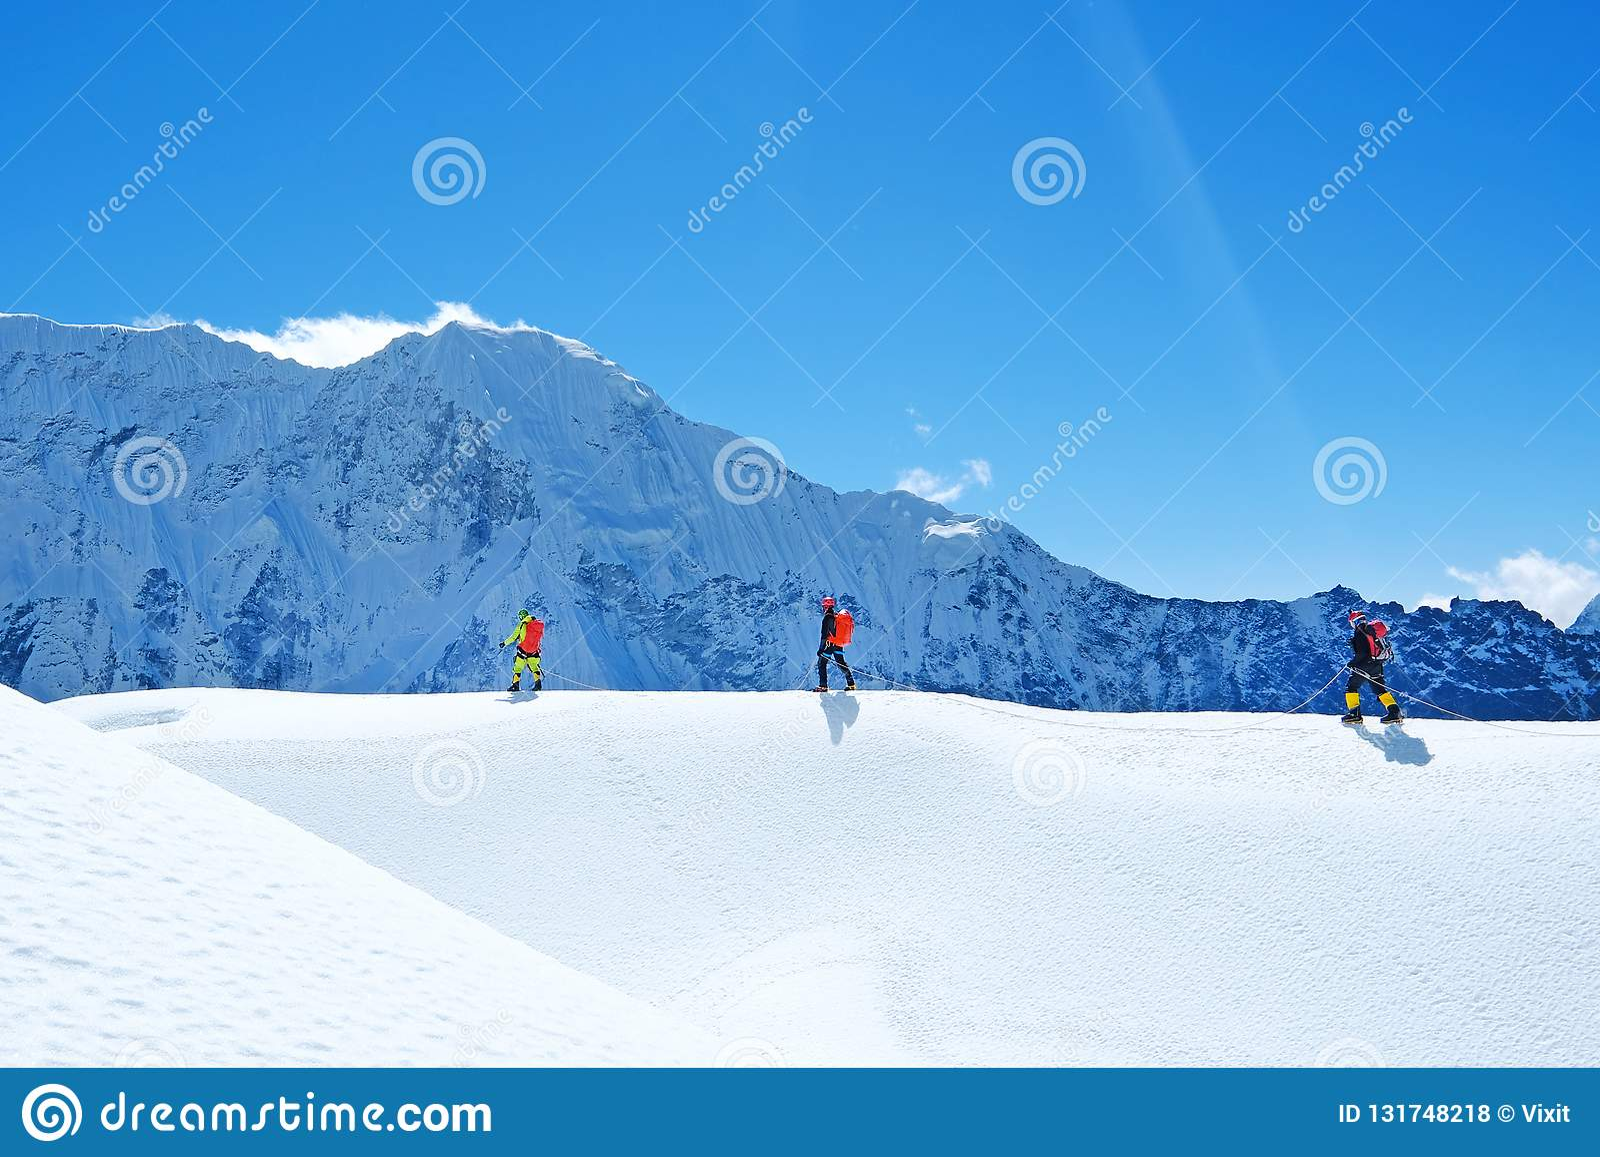 Wanderer mit Rucksäcken erreicht den Gipfel der Bergspitze Erfolgsfreiheit und Glückleistung in den Bergen Aktiver Sport